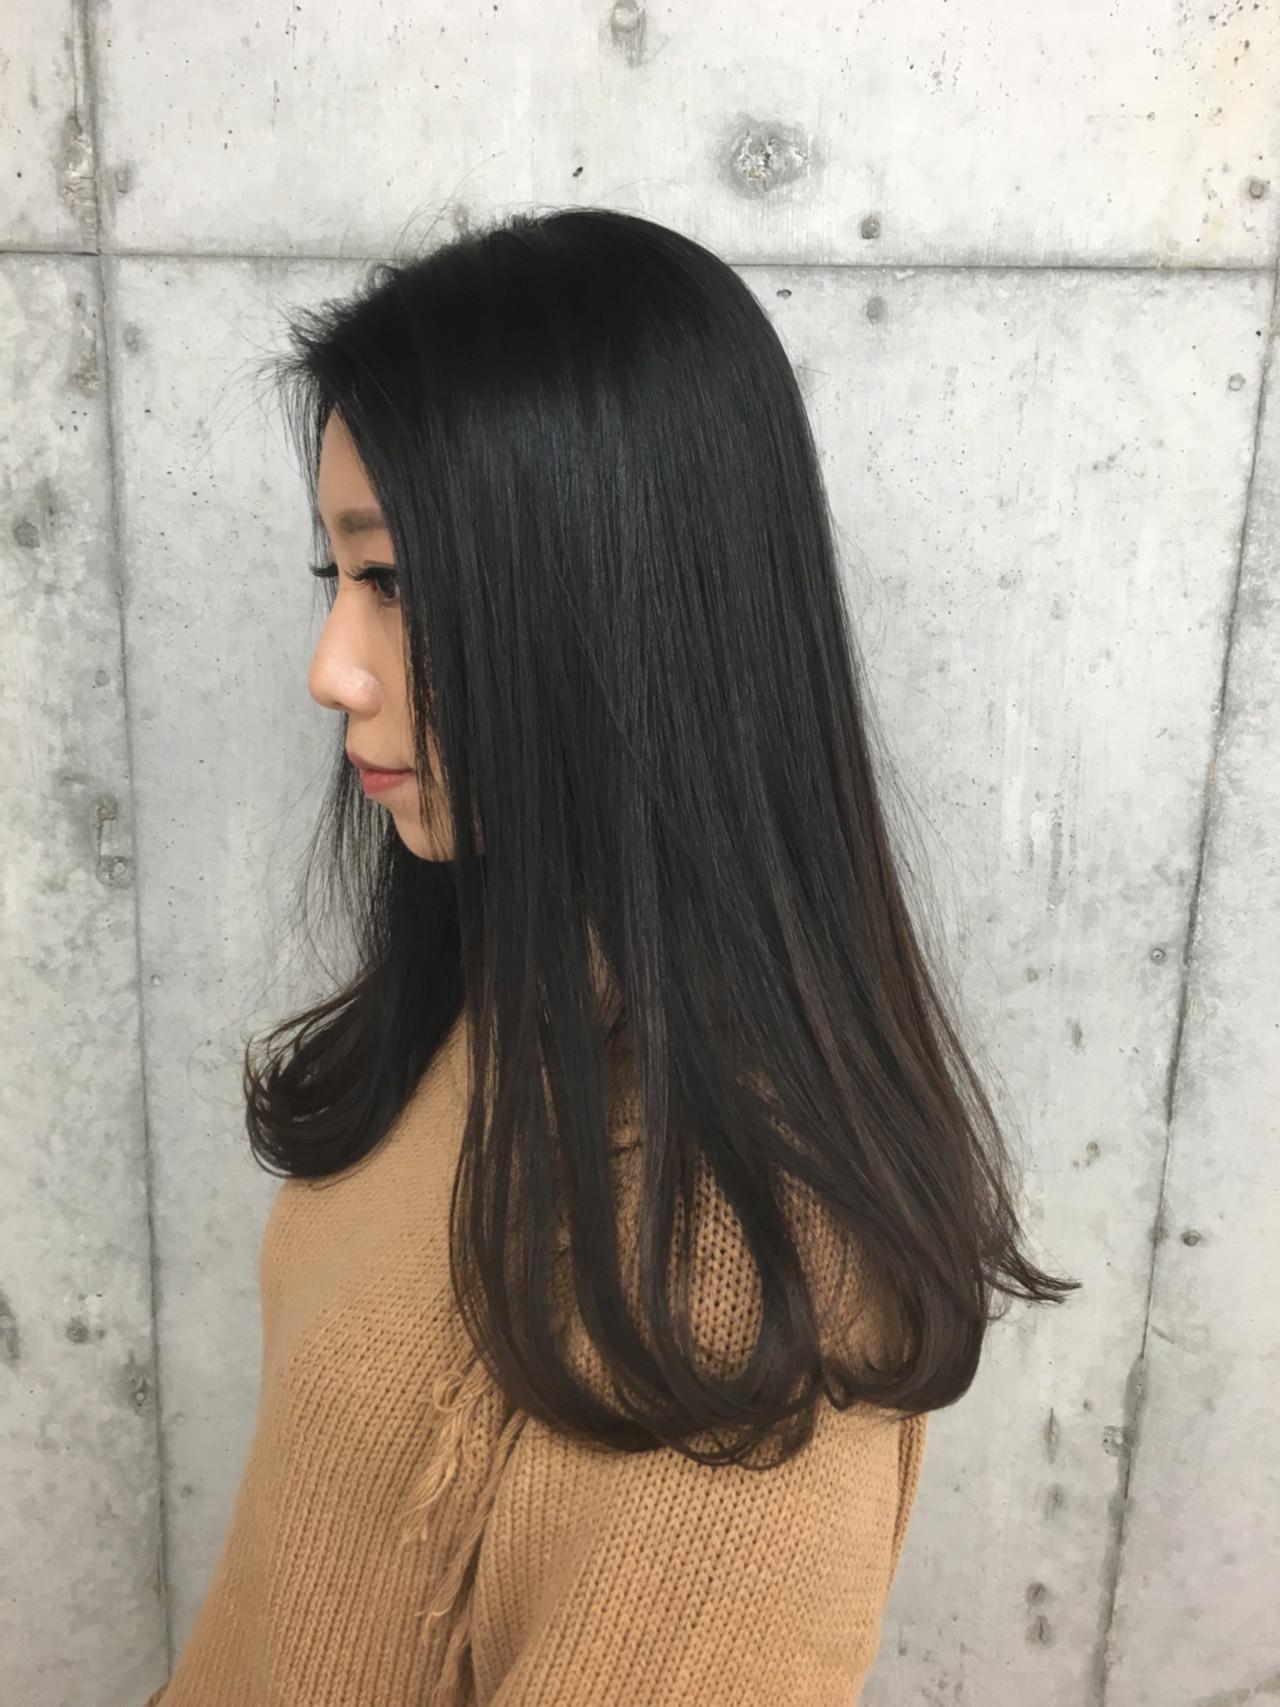 セクシー エレガント 大人女子 かわいい ヘアスタイルや髪型の写真・画像